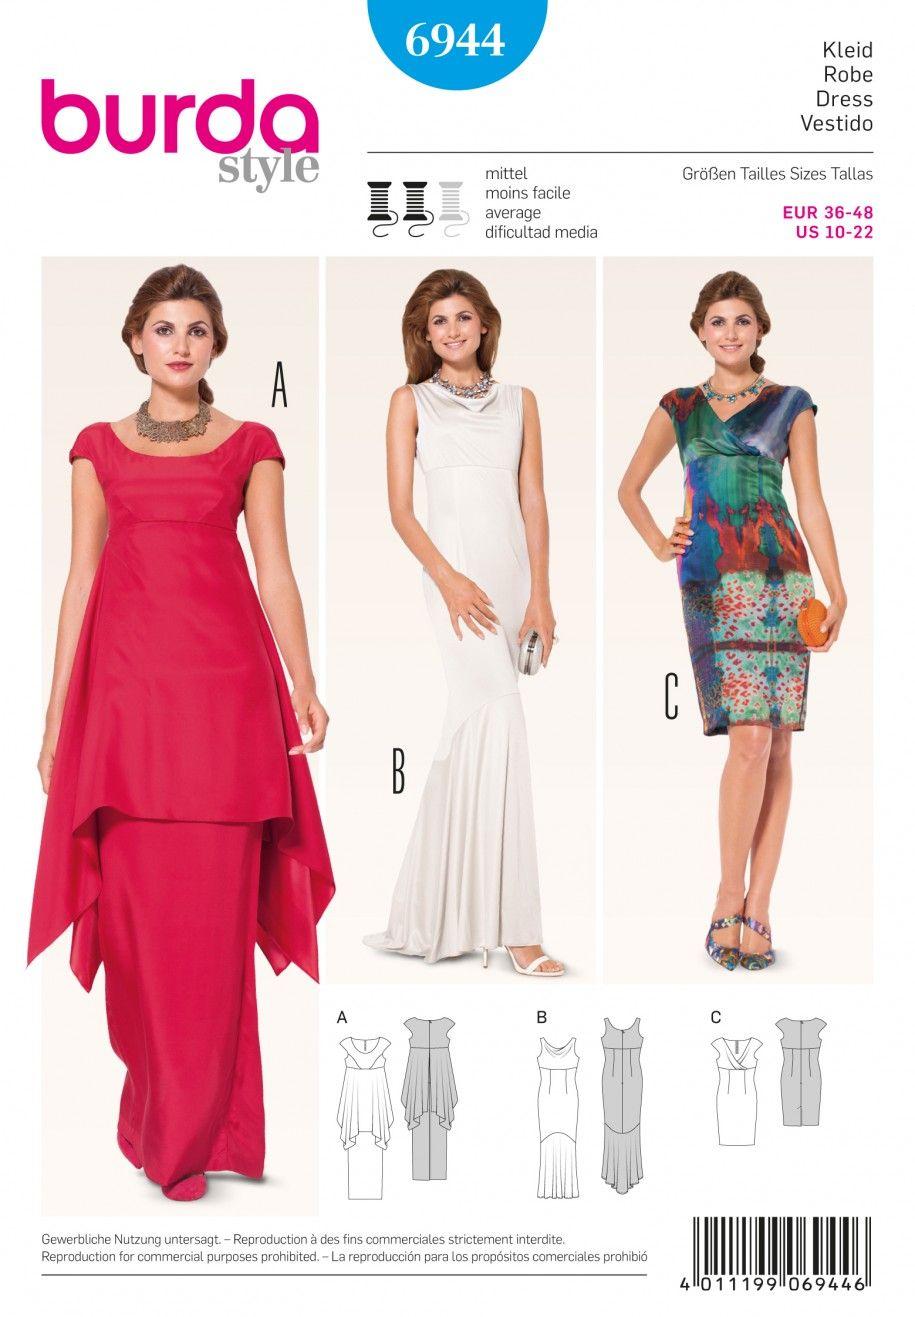 Burda B6944 Burda Style Evening & Bridal Wear Sewing Pattern ...